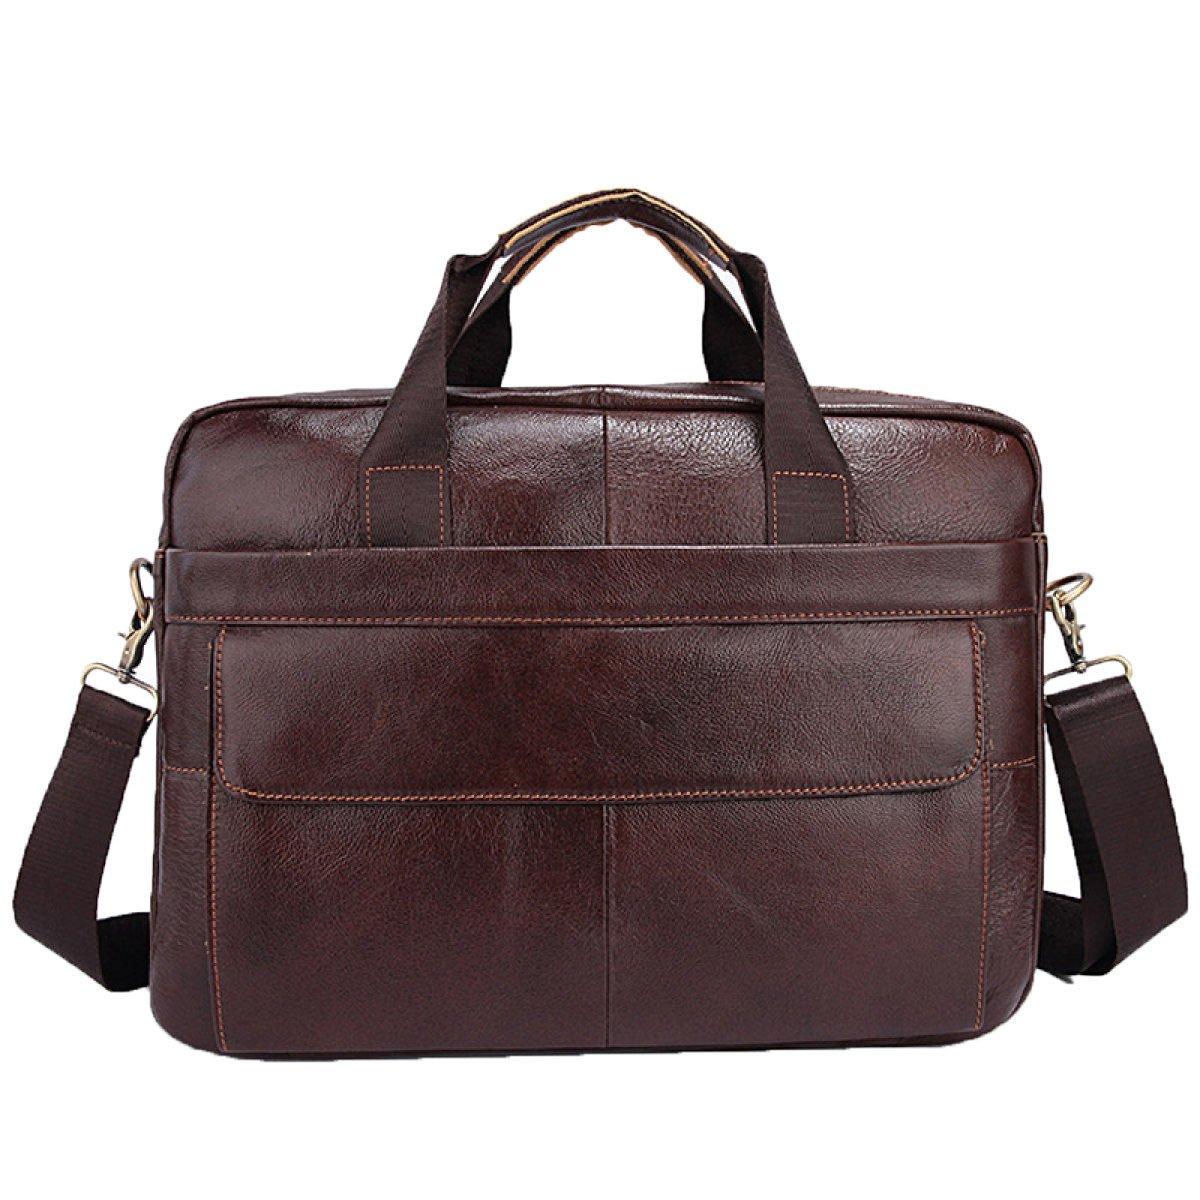 BAAFG Leather Mens Briefcase Mens Business Bag Laptop Bag Messenger Bag,Coffee